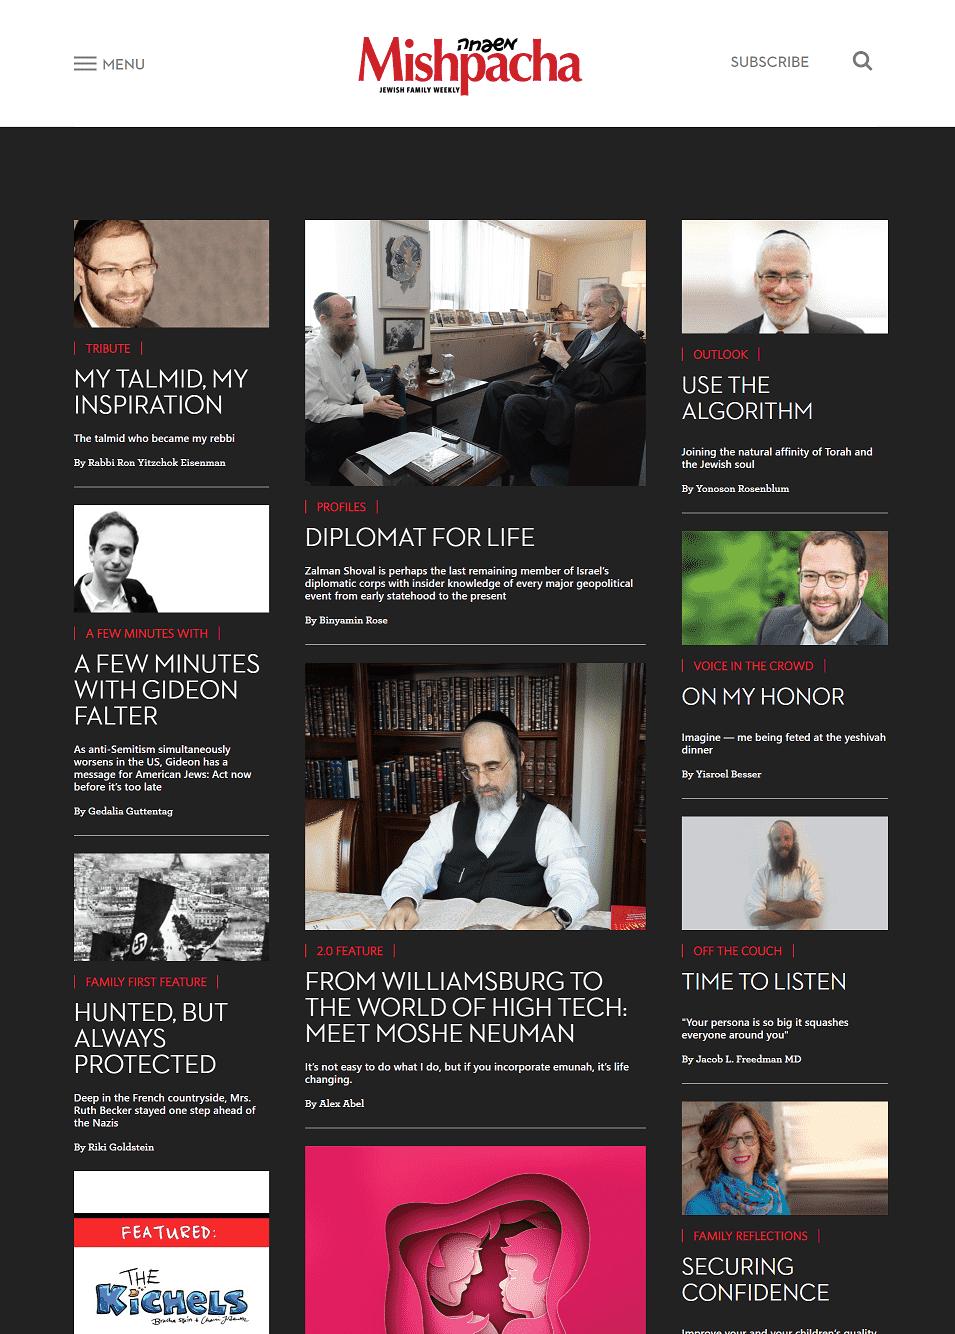 הכירו את אתרי האינטרנט של המודיע, יתד נאמן ושאר העיתונים החרדים 1